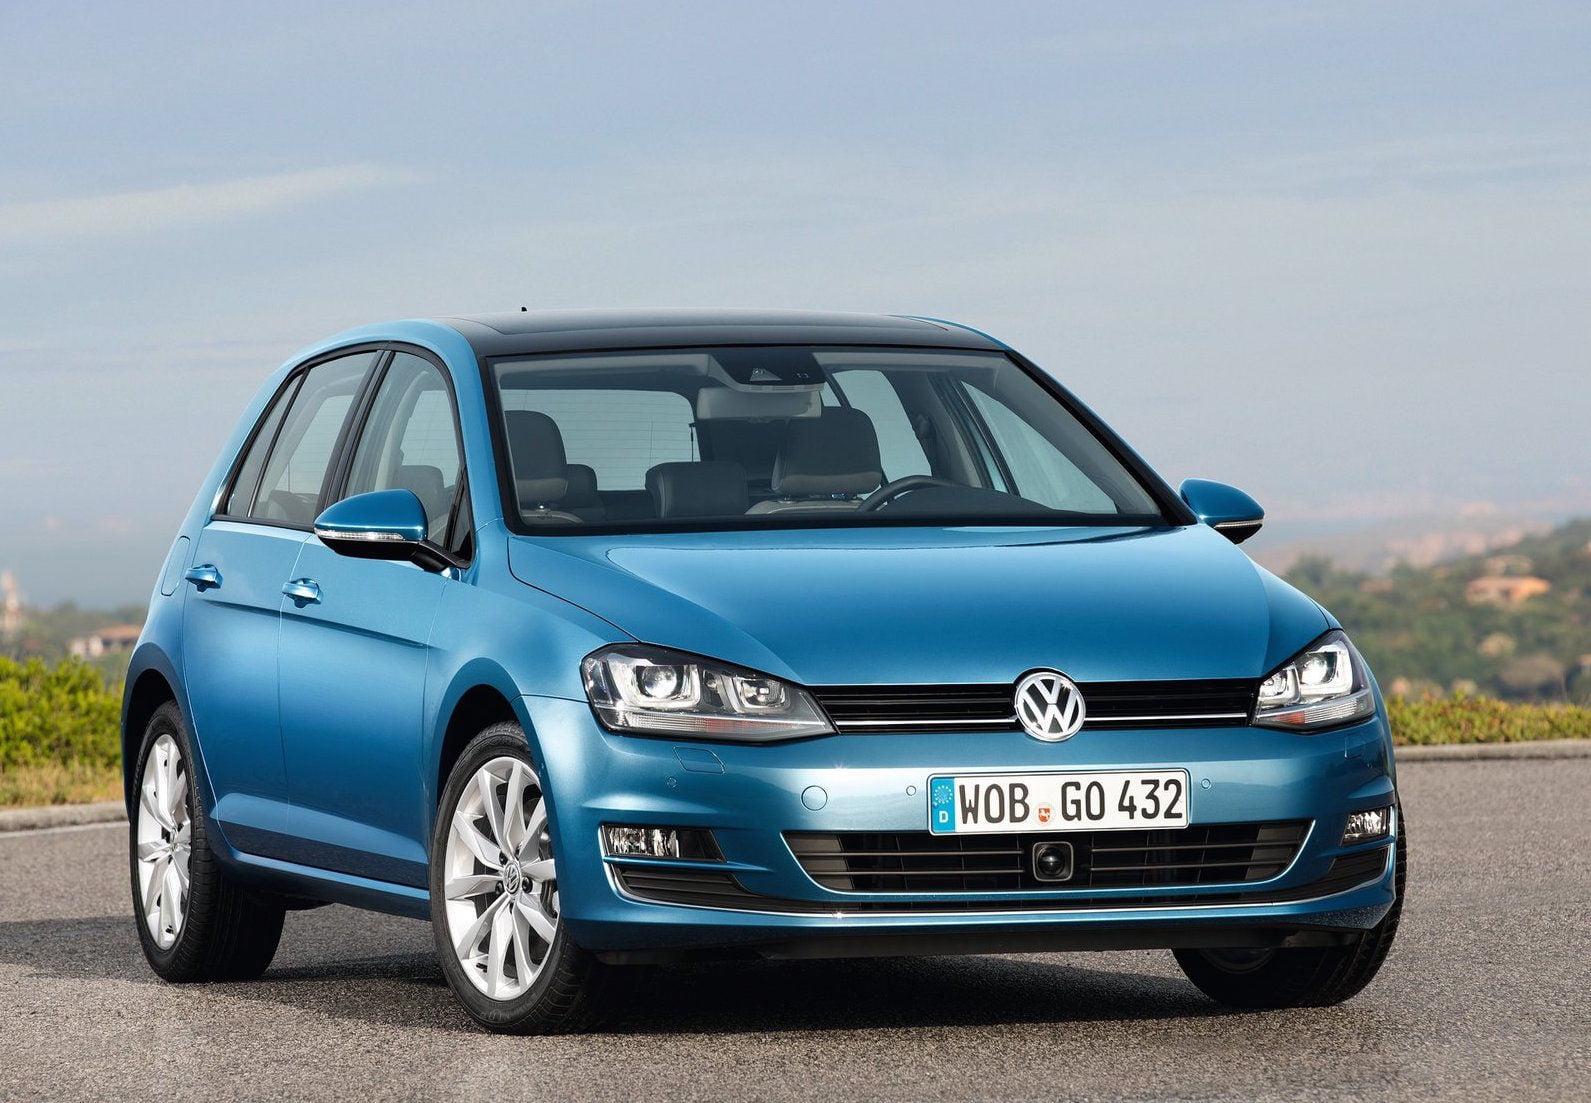 Автомобили Volkswagen стали самыми популярными по итогам I-го квартала 2016 года